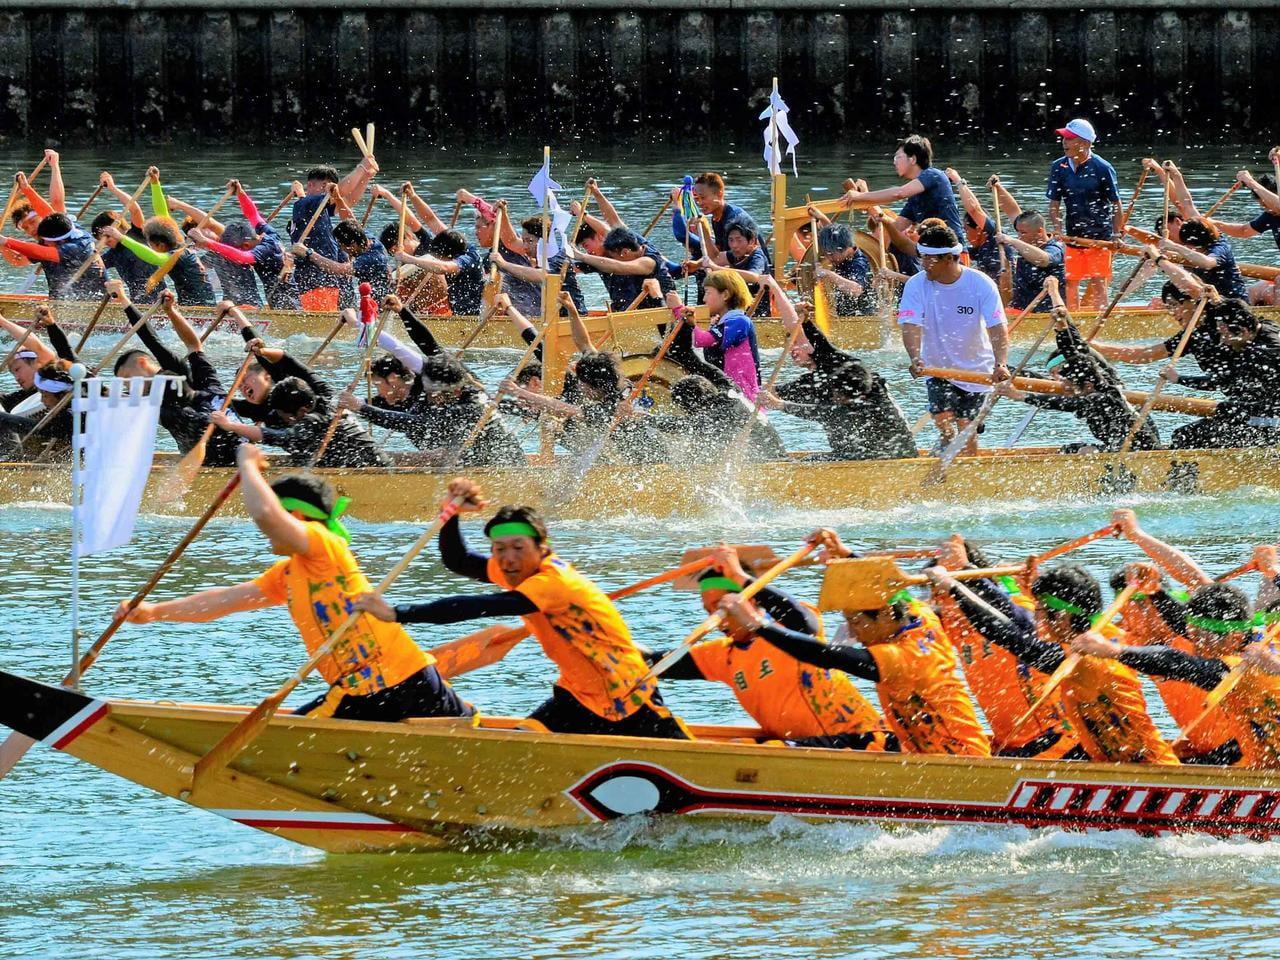 【2021】延期決定「相生ペーロン祭」ペーロン競漕のみ秋に開催予定